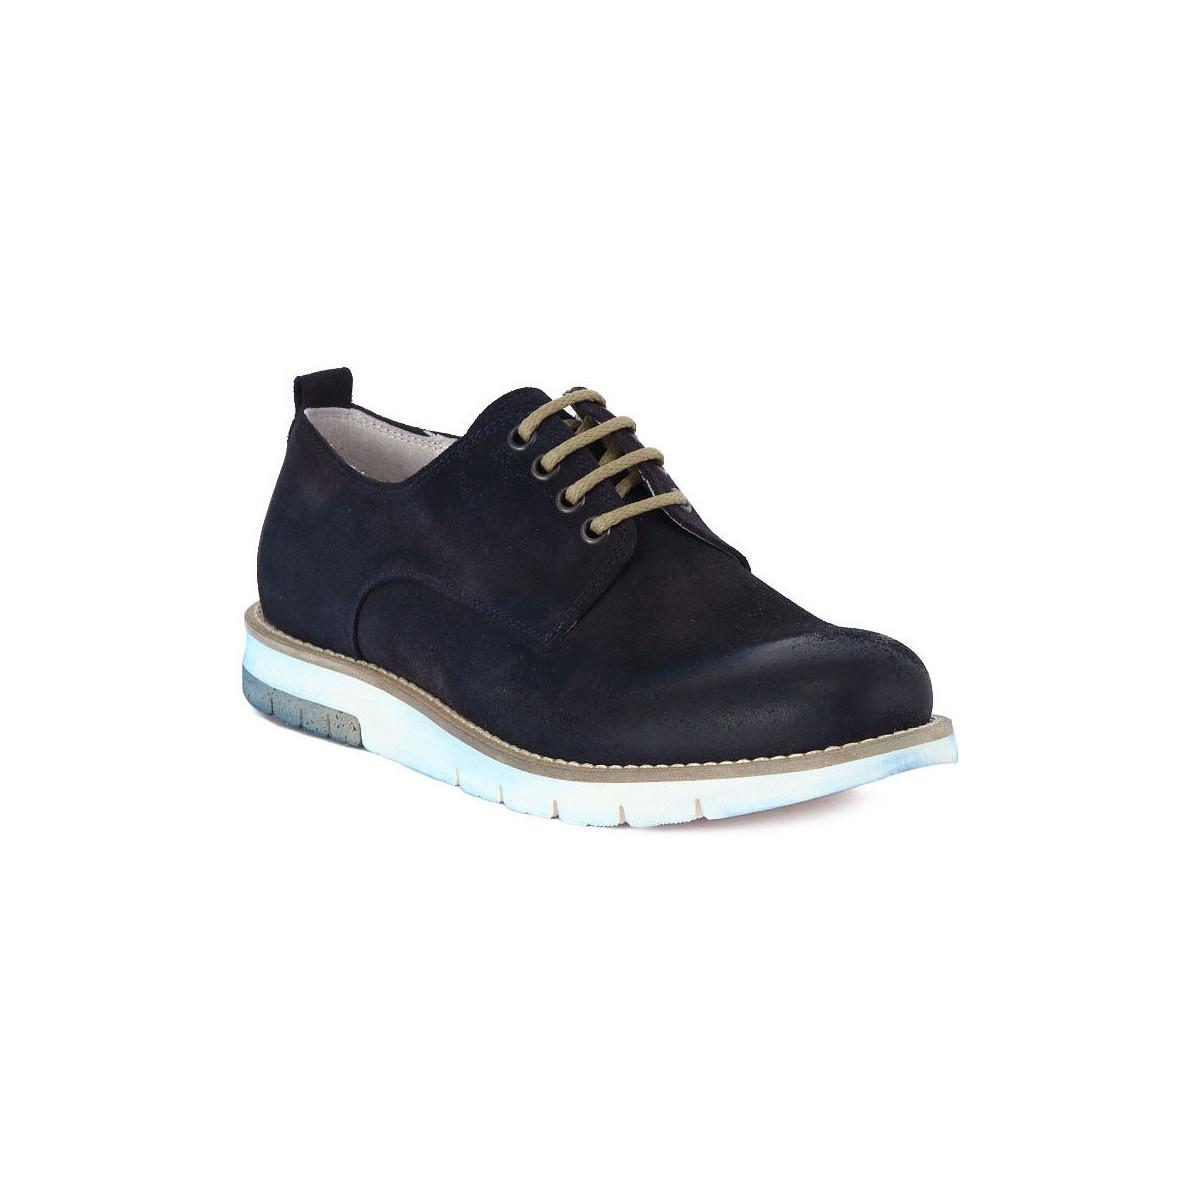 Pawelk'S Chaussures Pawelks Camoscio Exel Pawelk'S S0RL2B3s